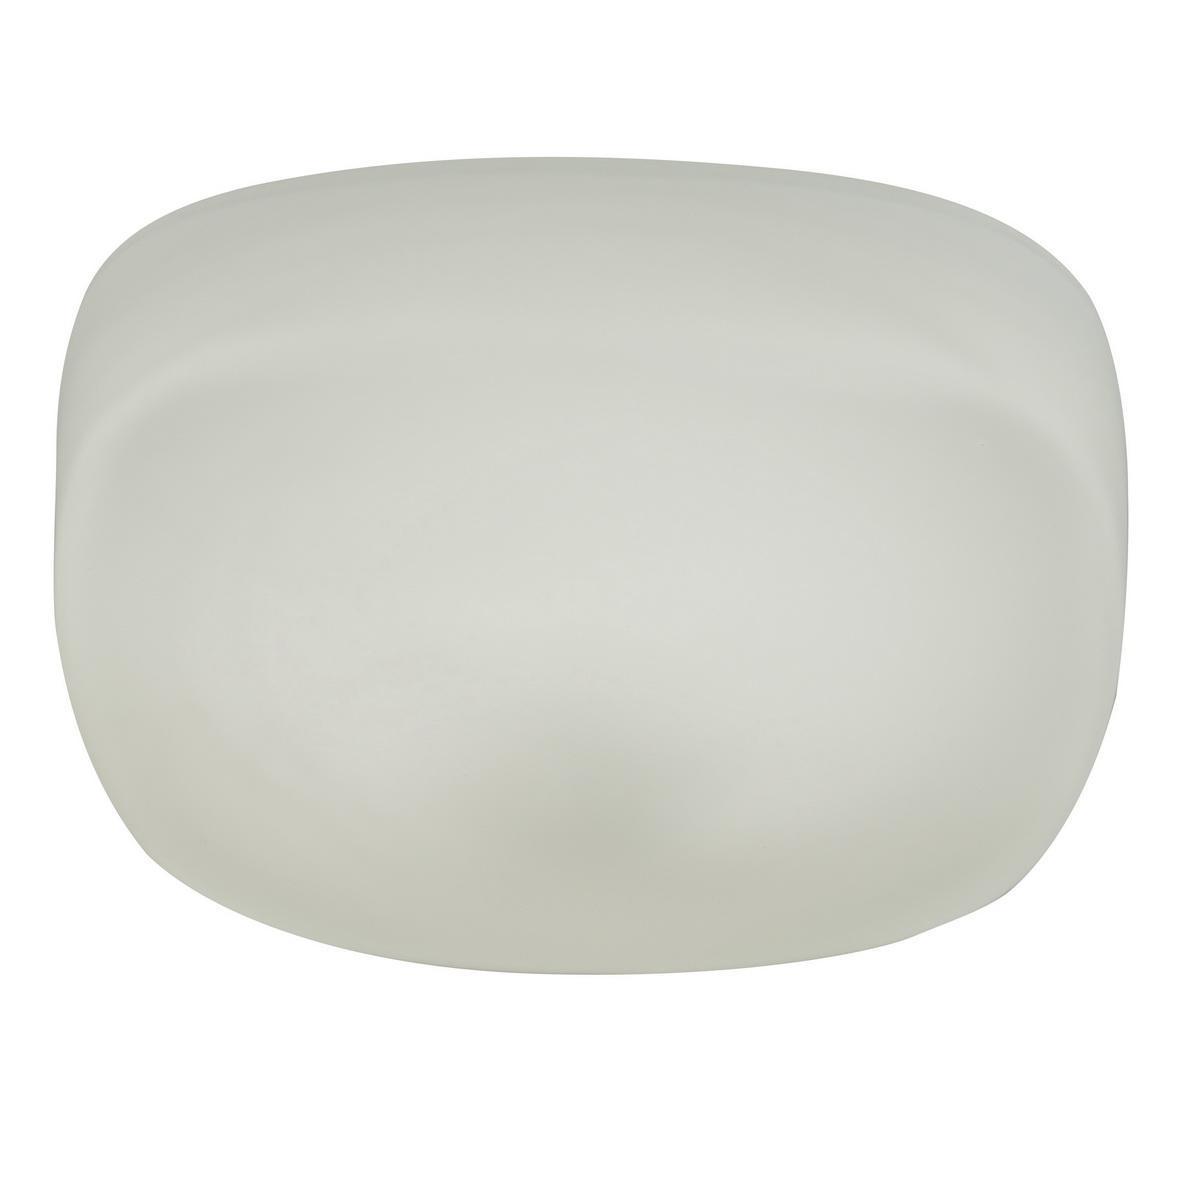 Потолочный светодиодный светильник IDLamp Nuvola Aria 266/20PF-LEDWhite потолочный светодиодный светильник idlamp 266 20pf ledwhite